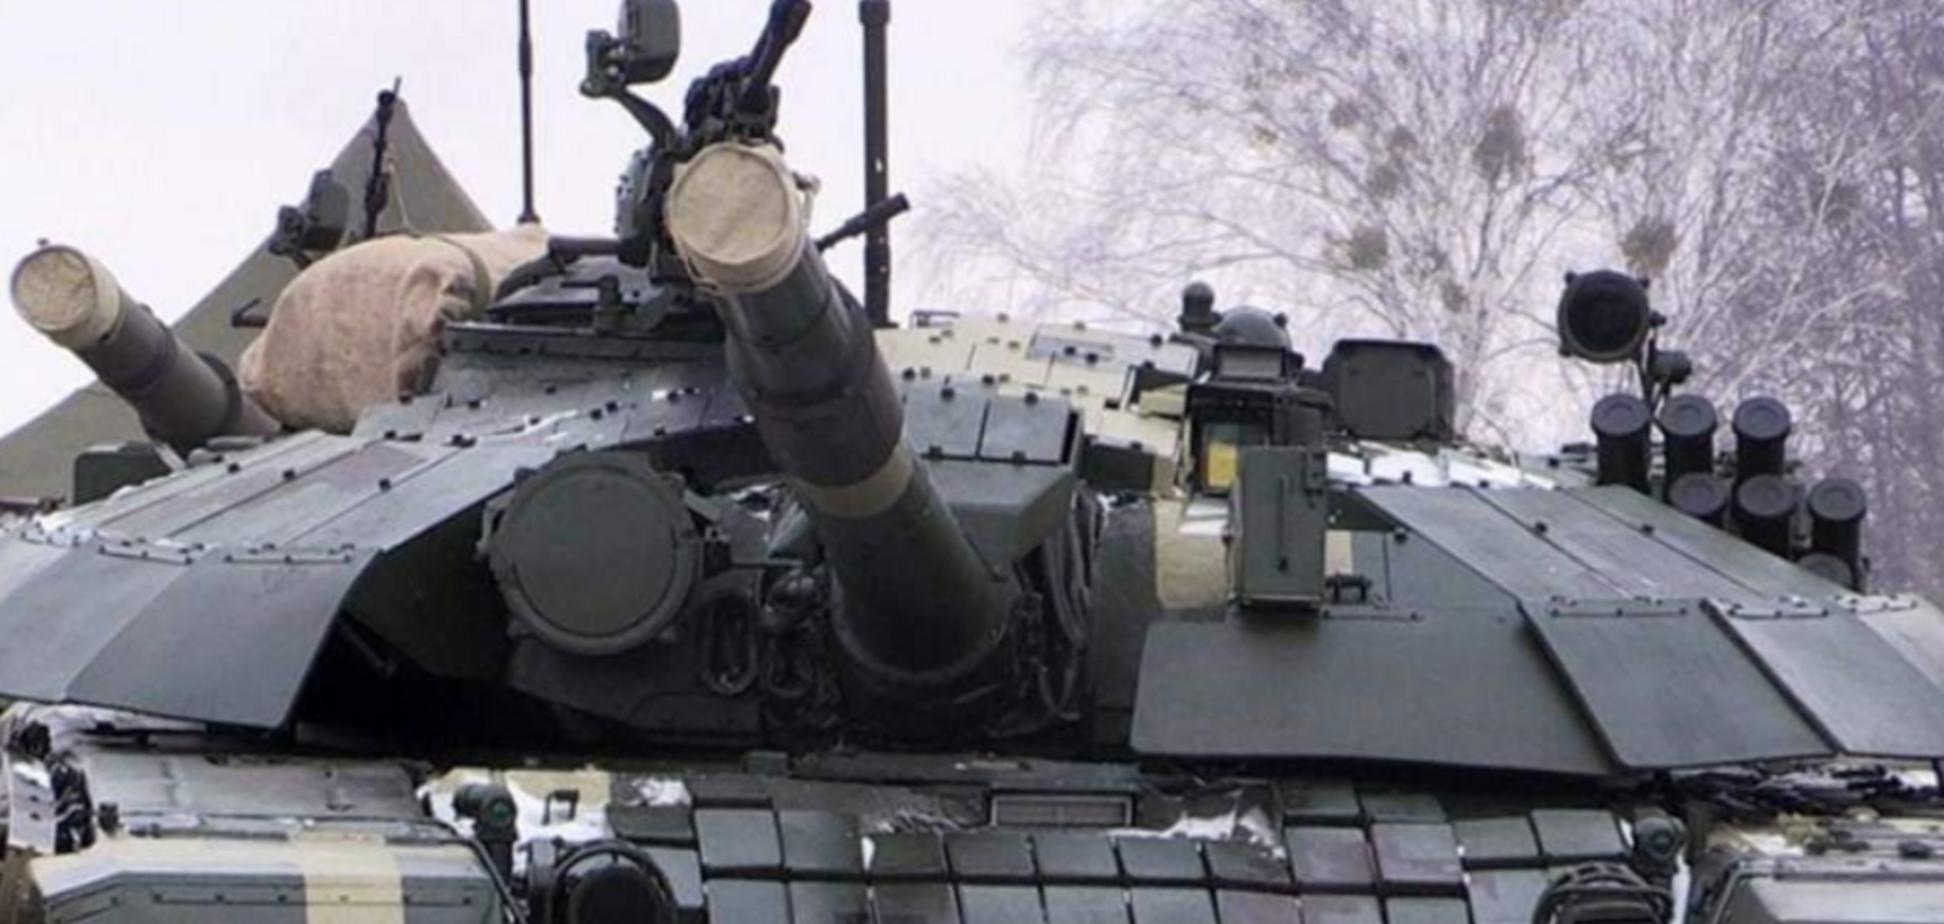 Растрата 9 млн грн: Киевский бронетанковый завод опроверг фейки в СМИ